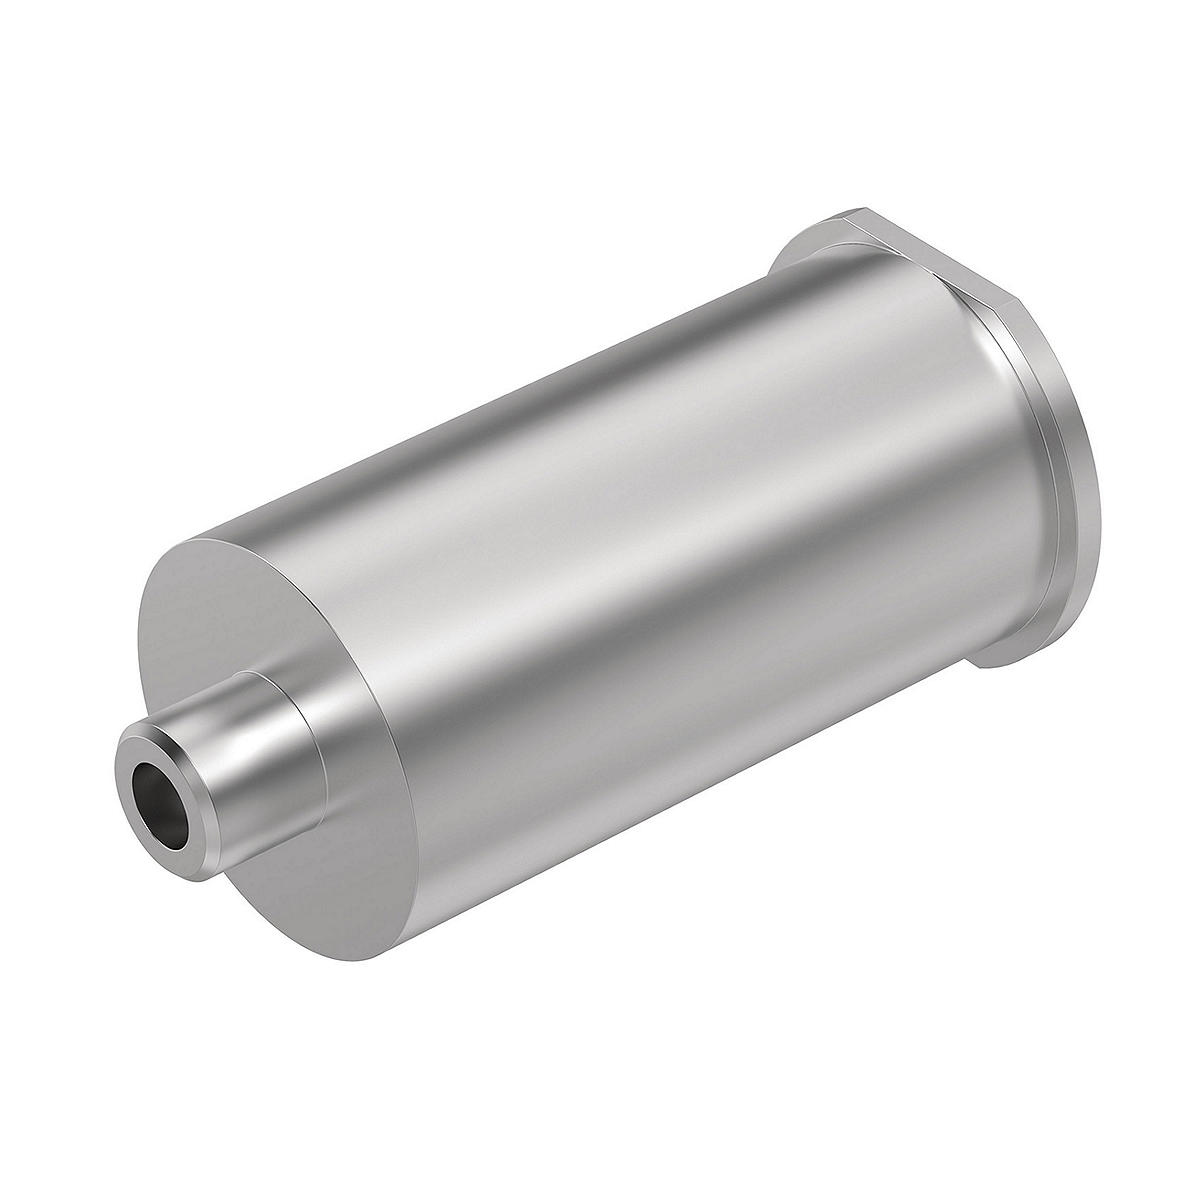 Manguitos de mandril hidráulico HC con Safe-Lock™ y refrigeración inteligente